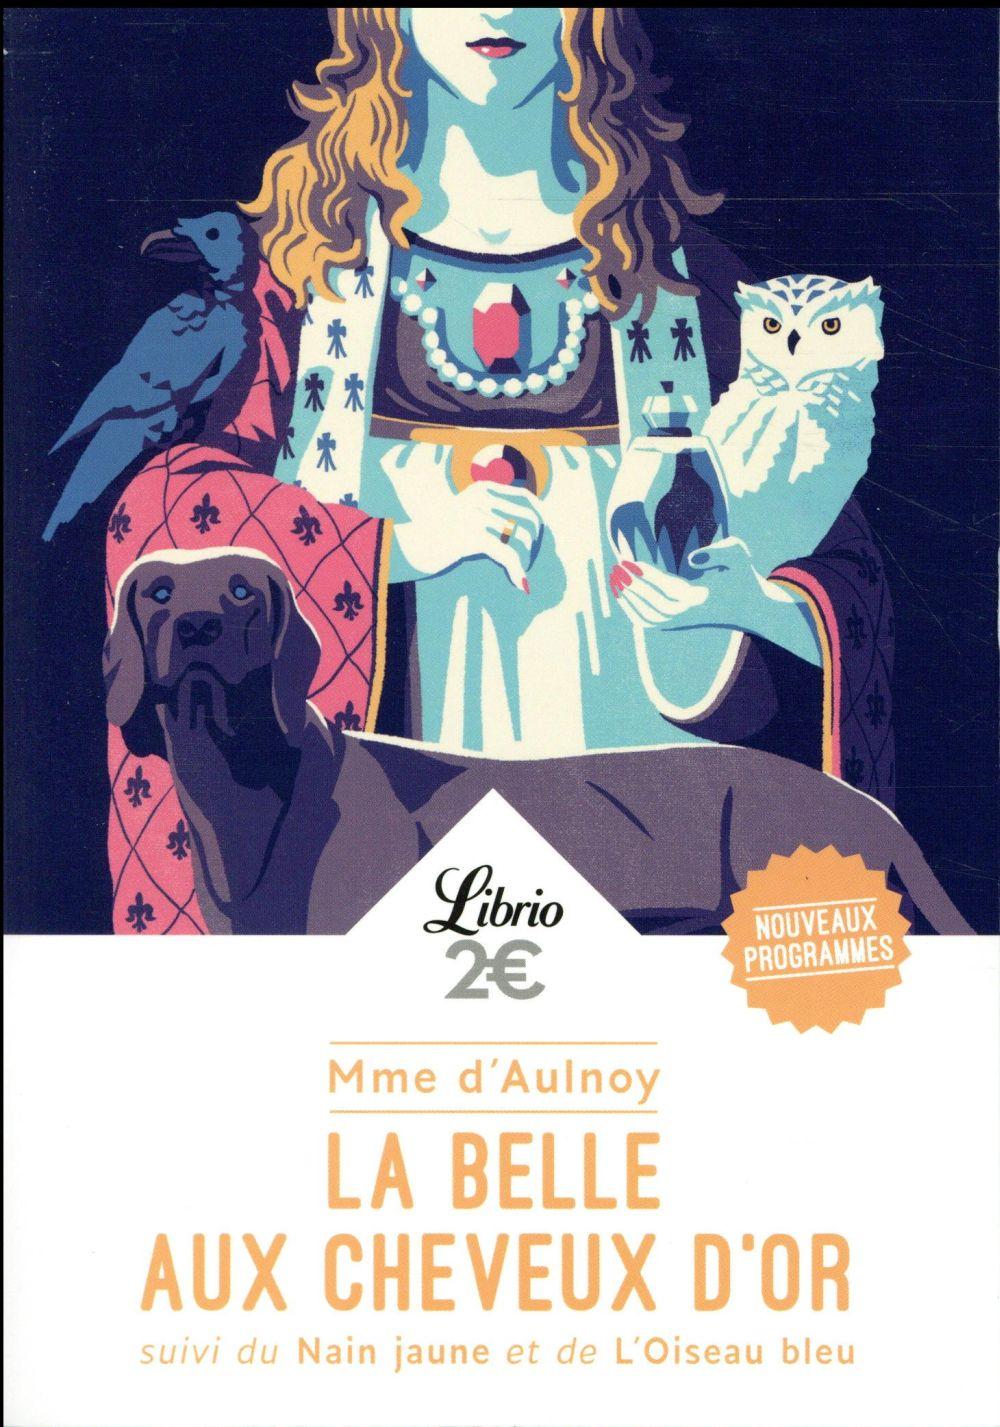 LA BELLE AUX CHEVEUX D'OR